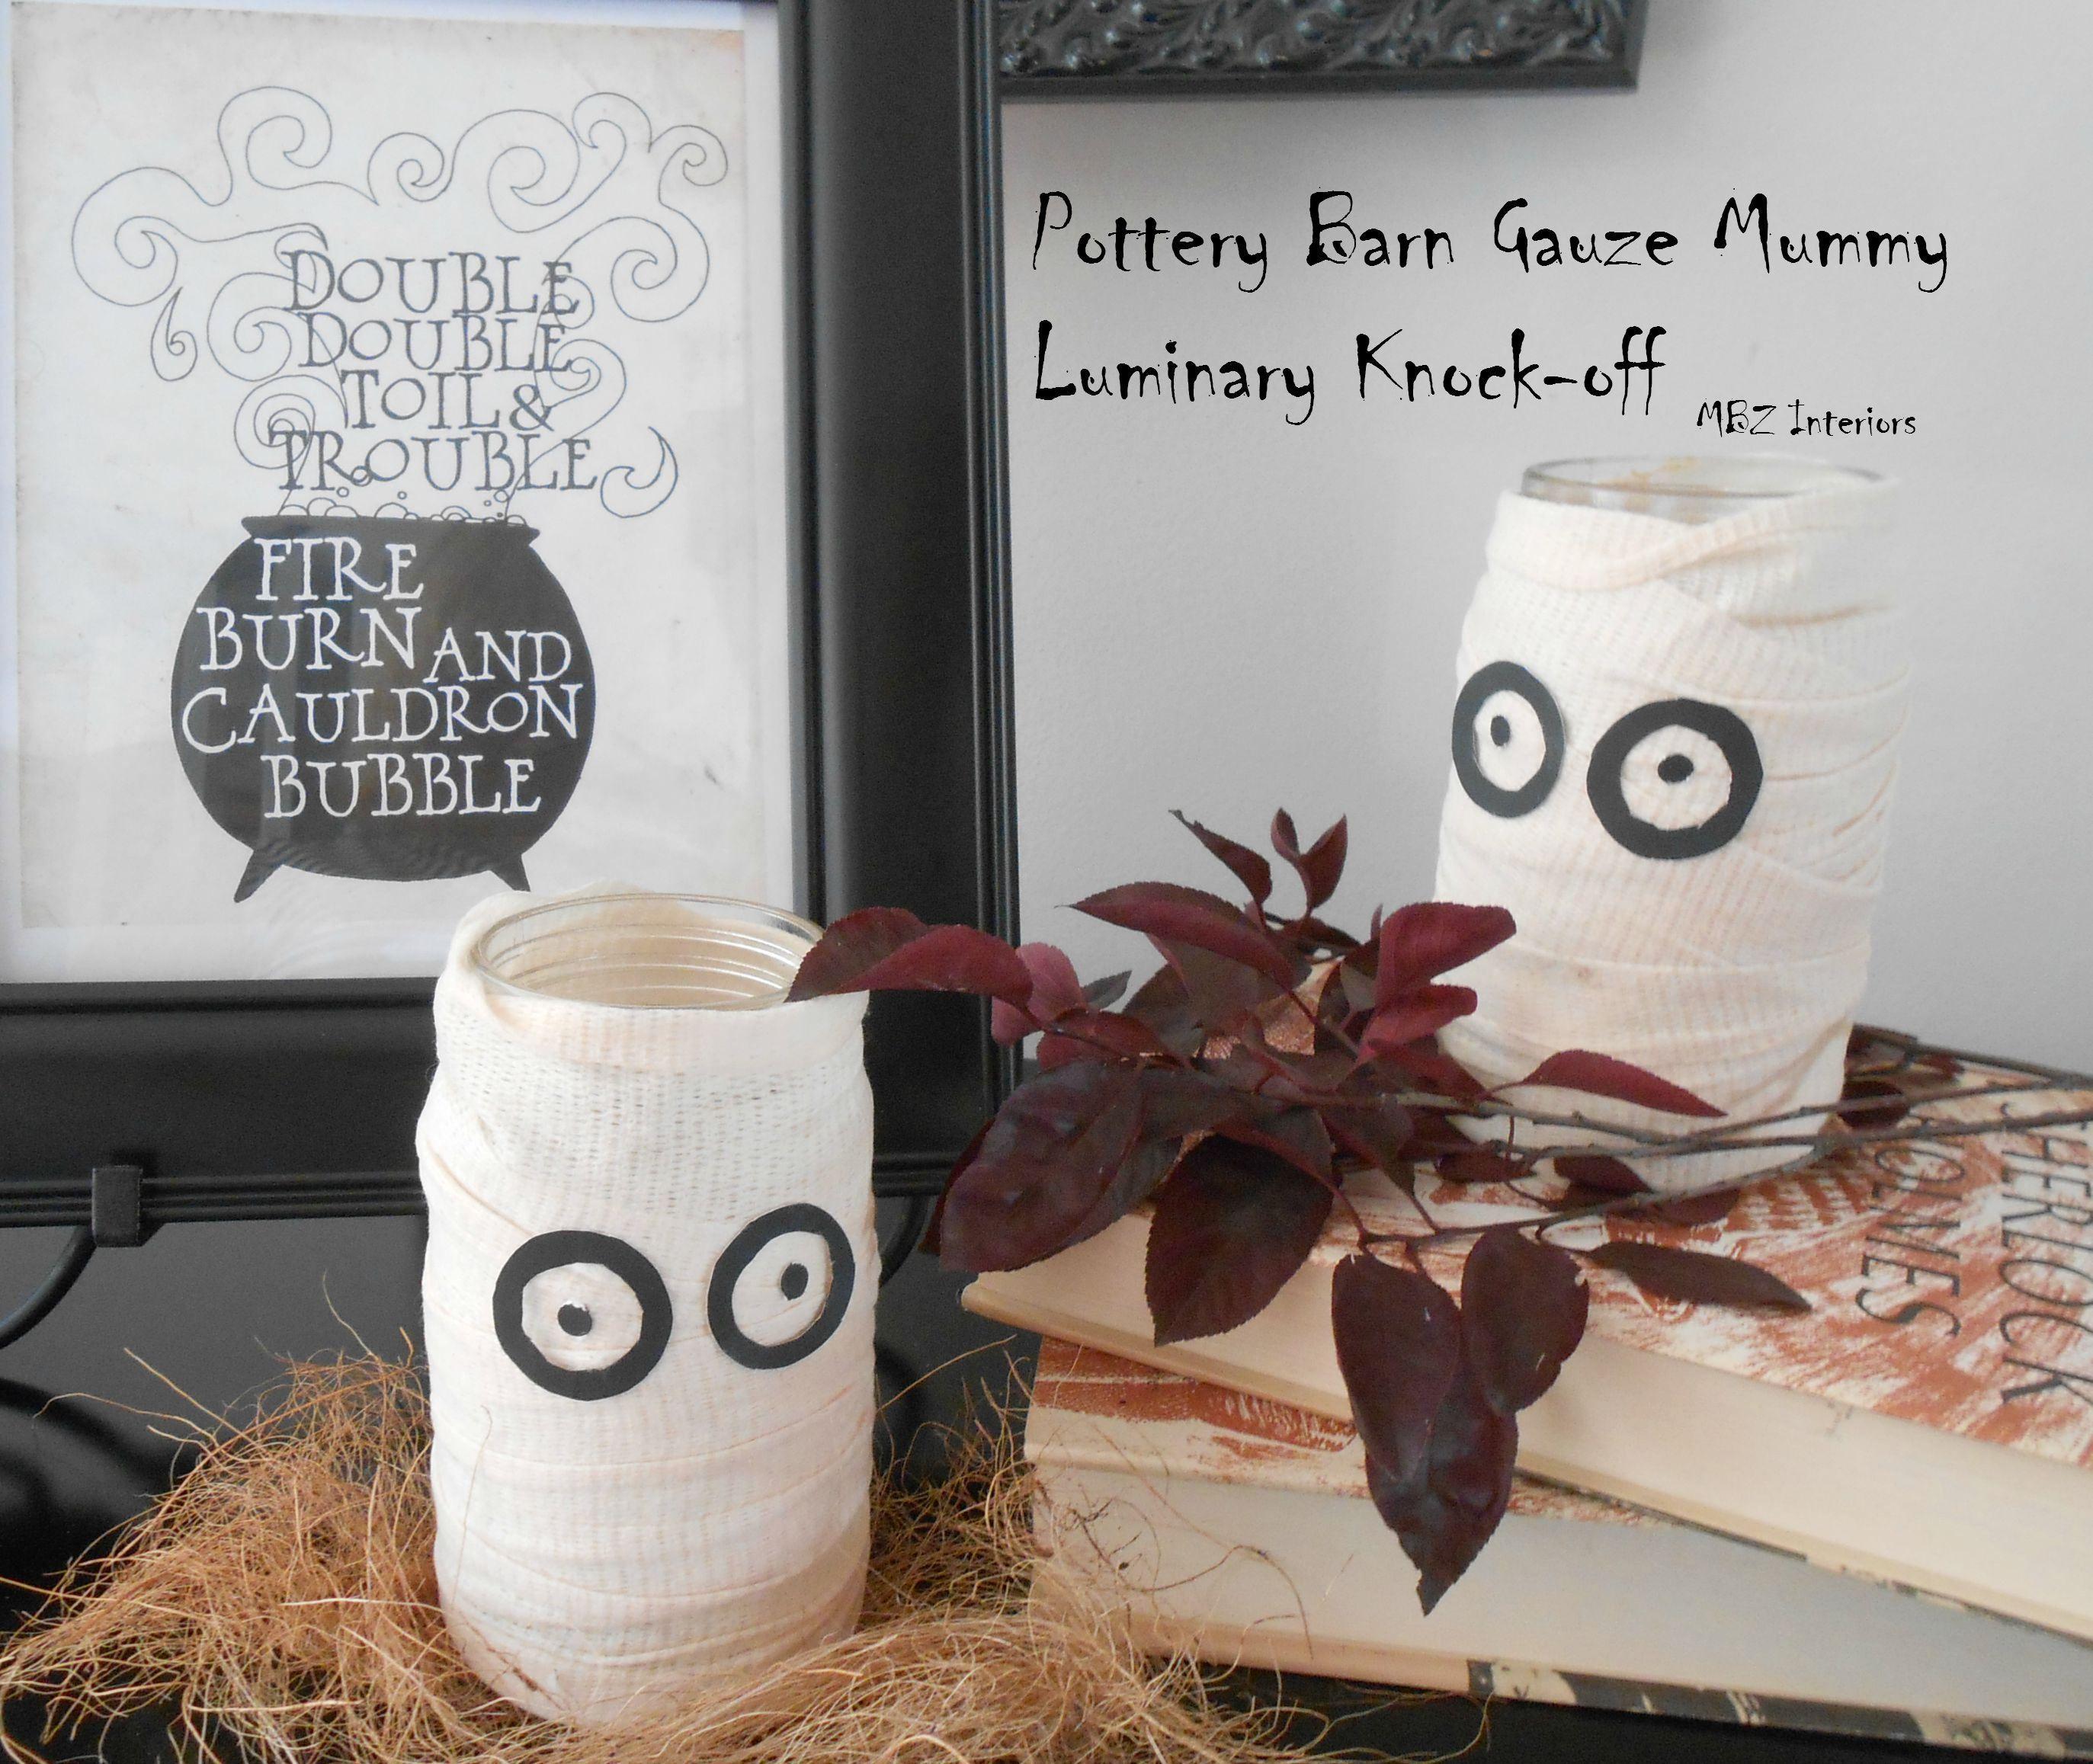 pottery barn gauze mummy luminary knock-off décor for Halloween - halloween diy decor